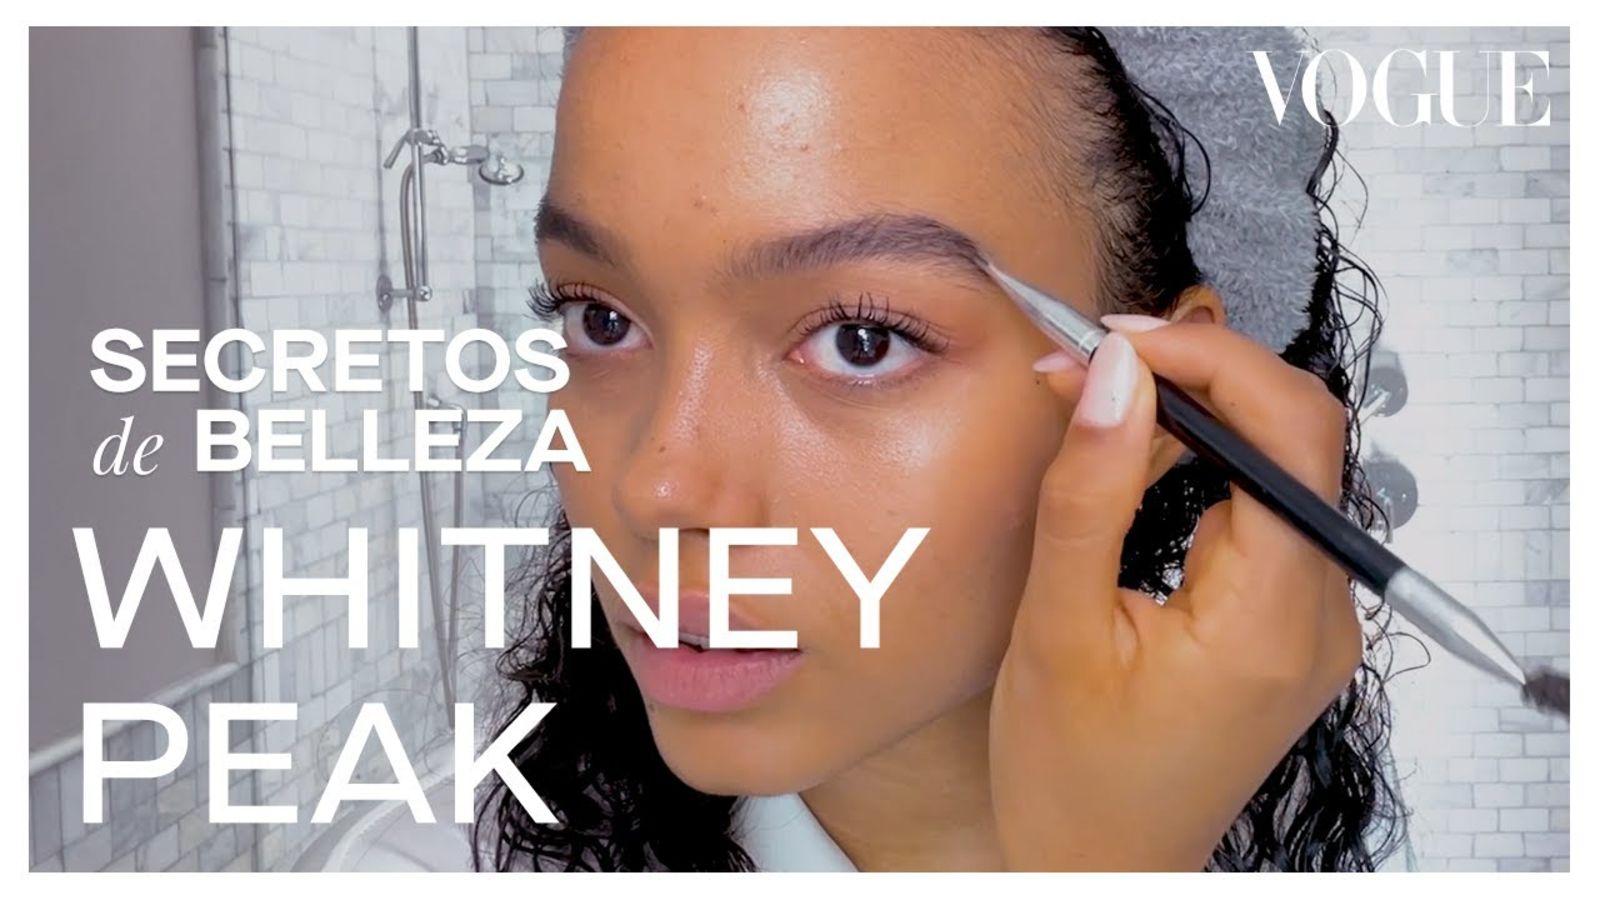 Whitney Peak, de Gossip Girl, y cómo logra definir sus rizos | Secretos de Belleza | Vogue México